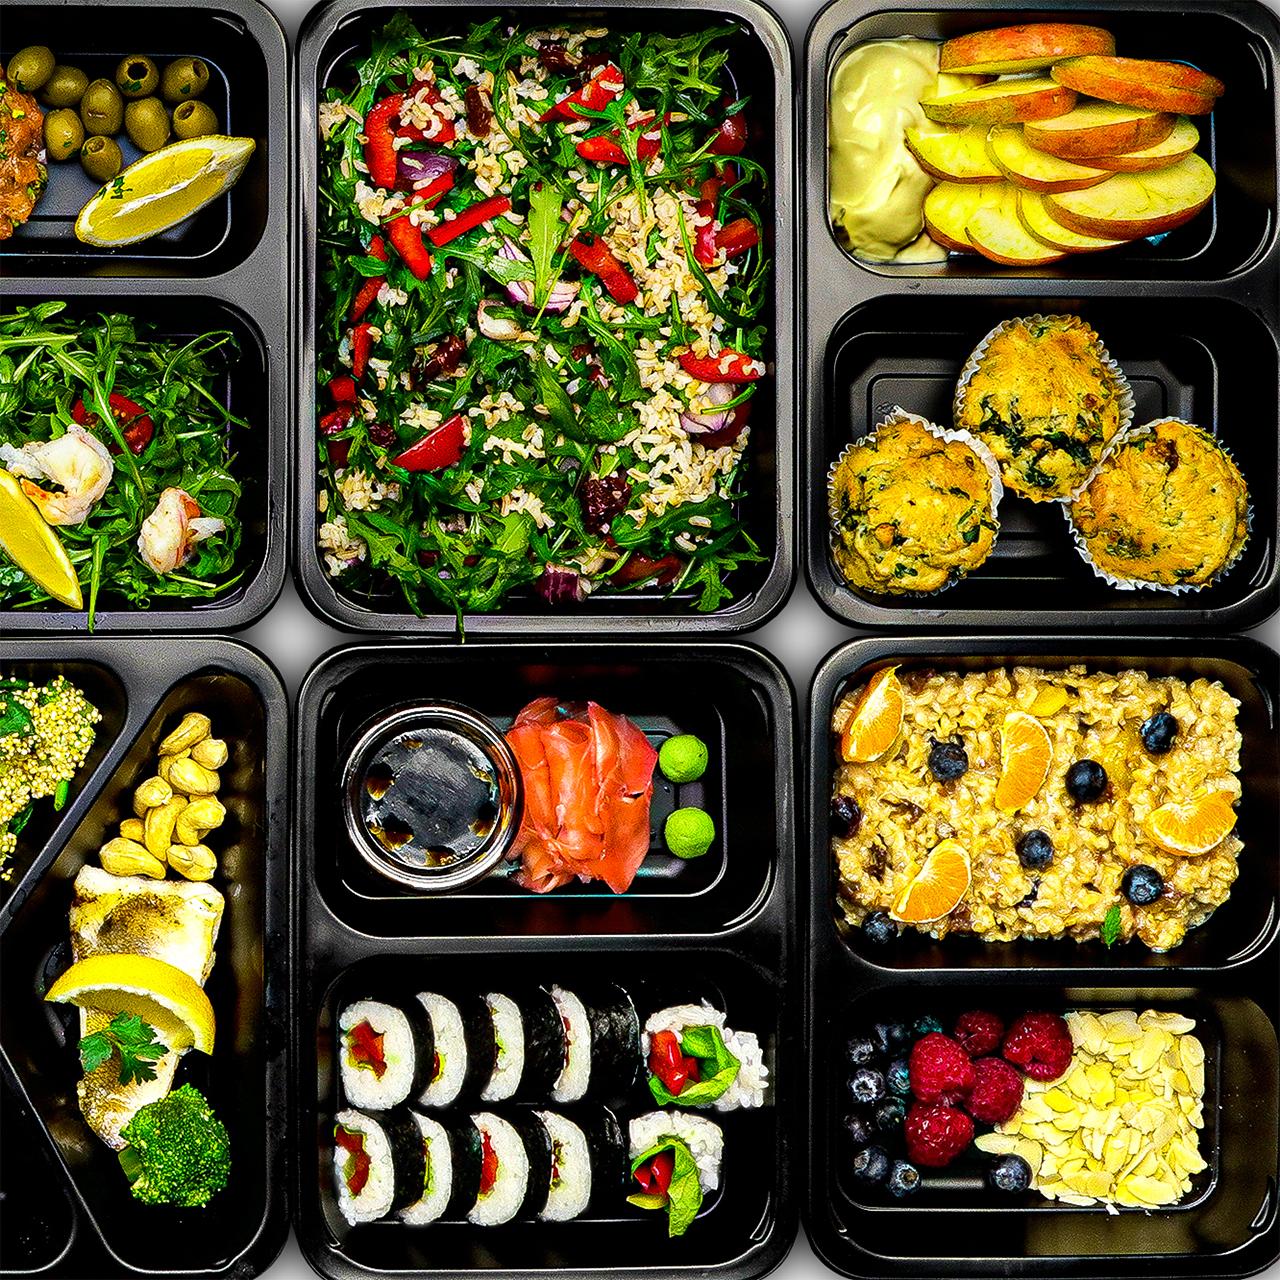 Dieta pudełkowa Włocławek przykładowe dania w czarnych pojemnikach